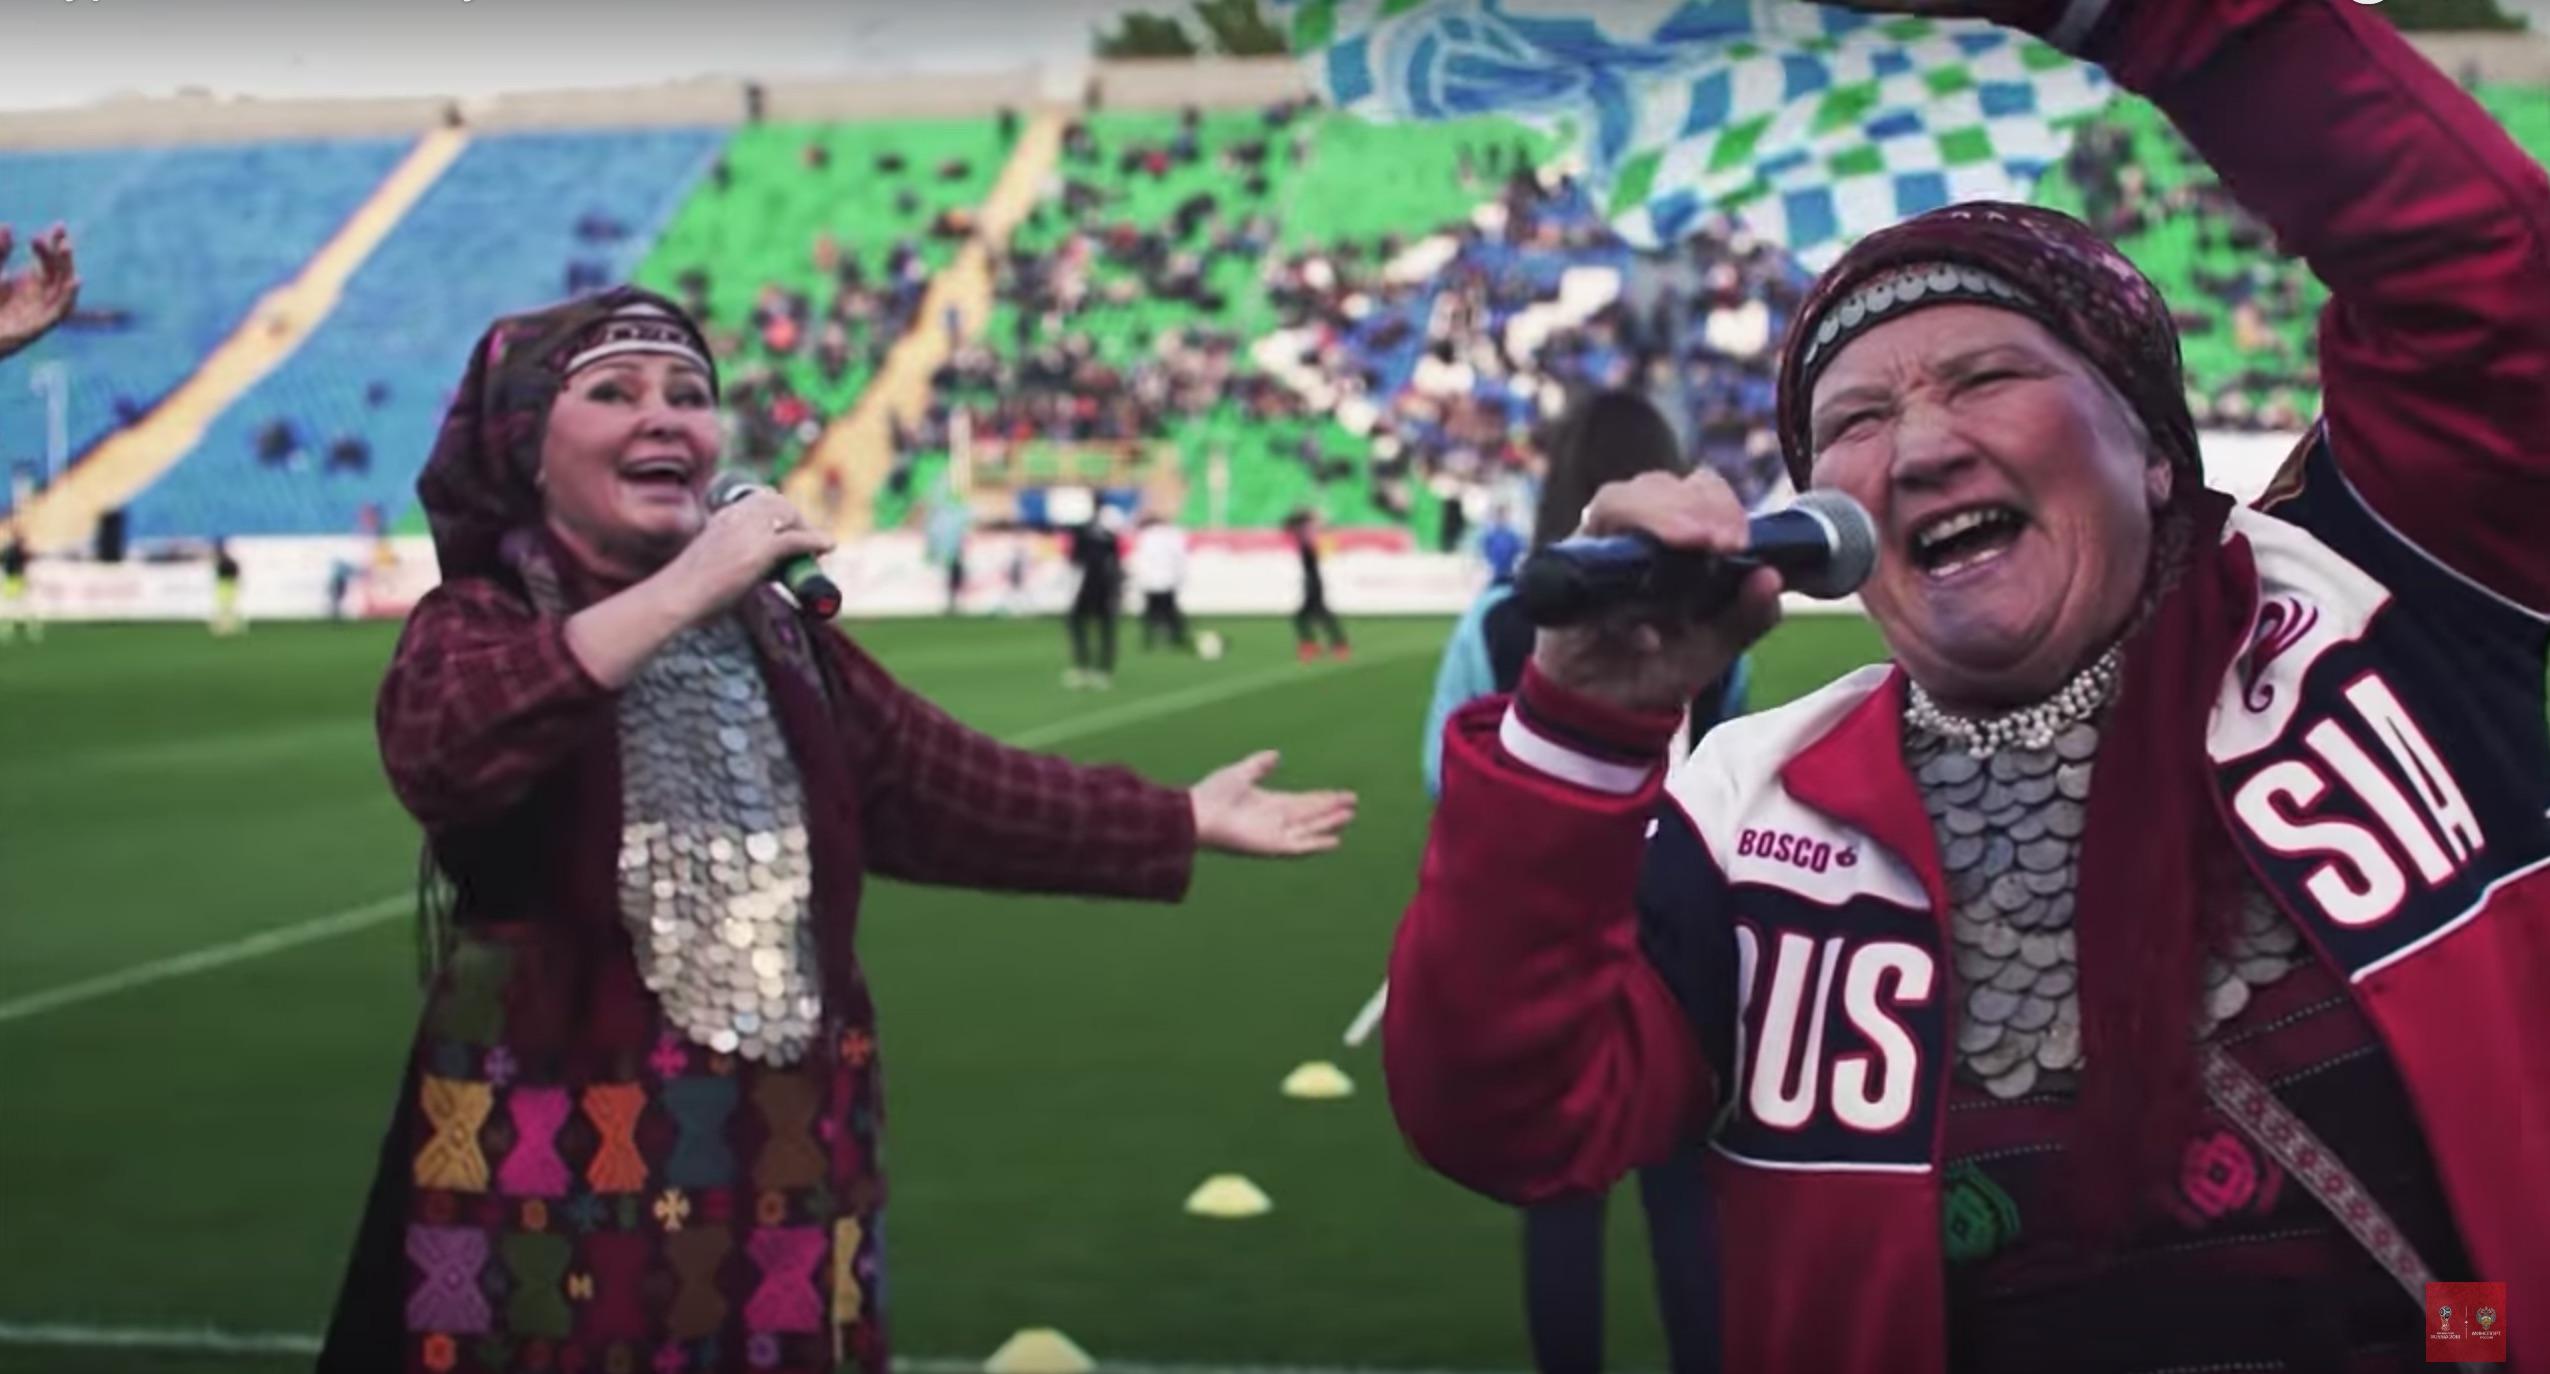 Nicht alle Songs der WM 2018 sind grauenhaft, aber die meisten - Noisey